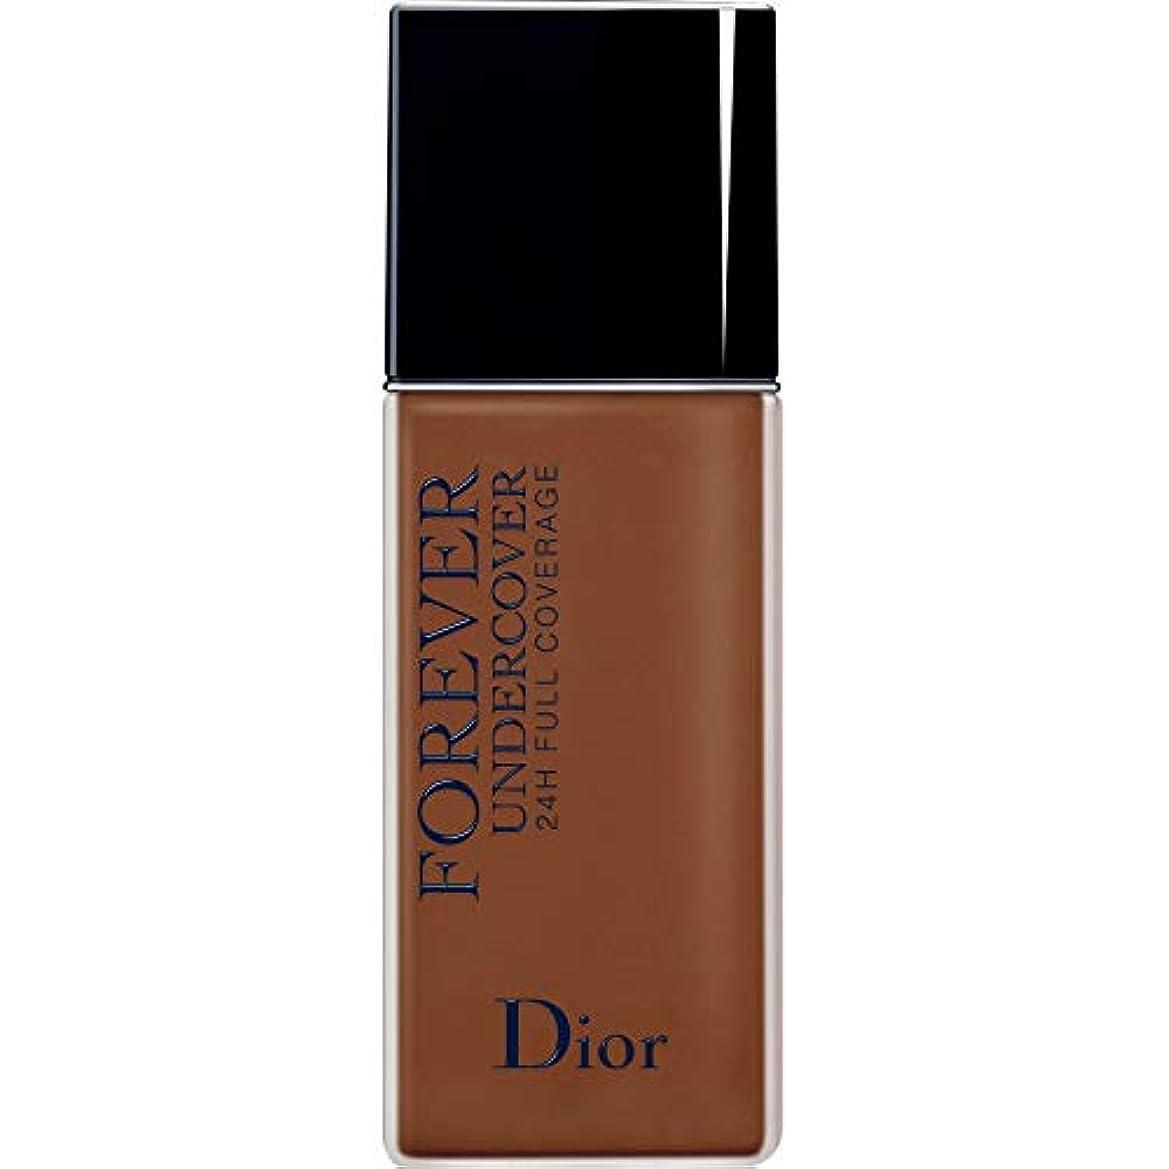 誓い密度担保[Dior ] ディオールディオールスキン永遠アンダーカバーフルカバーの基礎40ミリリットル070 - ダークブラウン - DIOR Diorskin Forever Undercover Full Coverage Foundation...